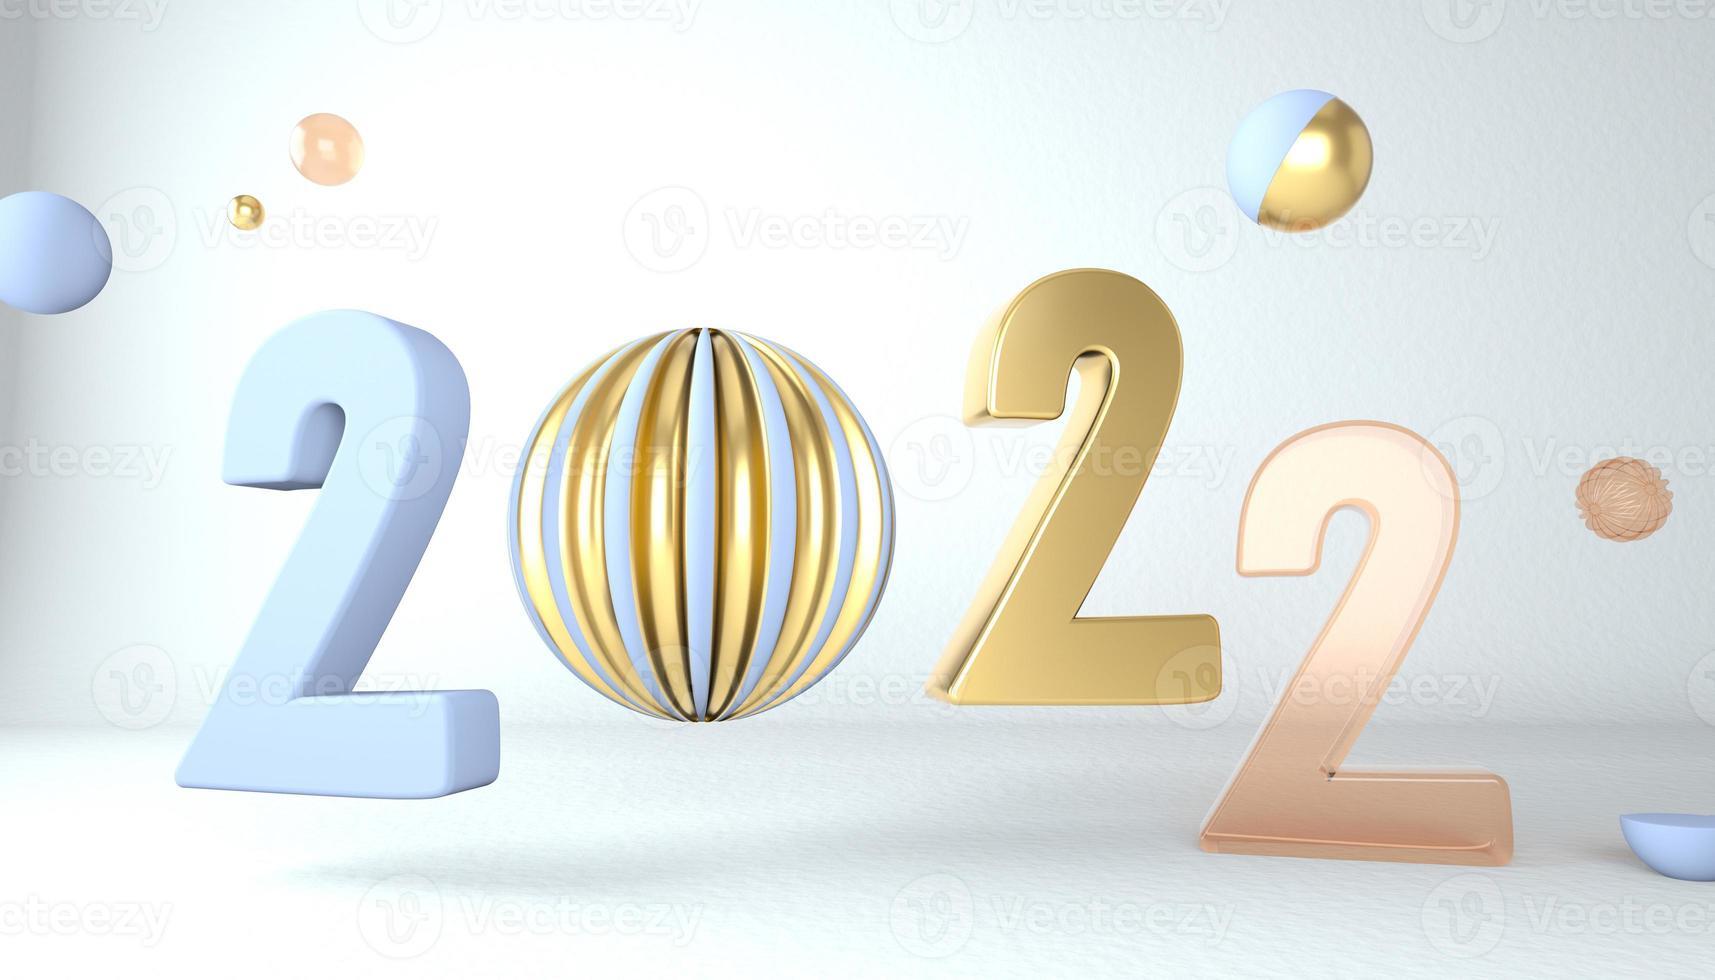 feliz año nuevo 2022. números 3d con formas geométricas y bola de navidad. Render 3D. foto